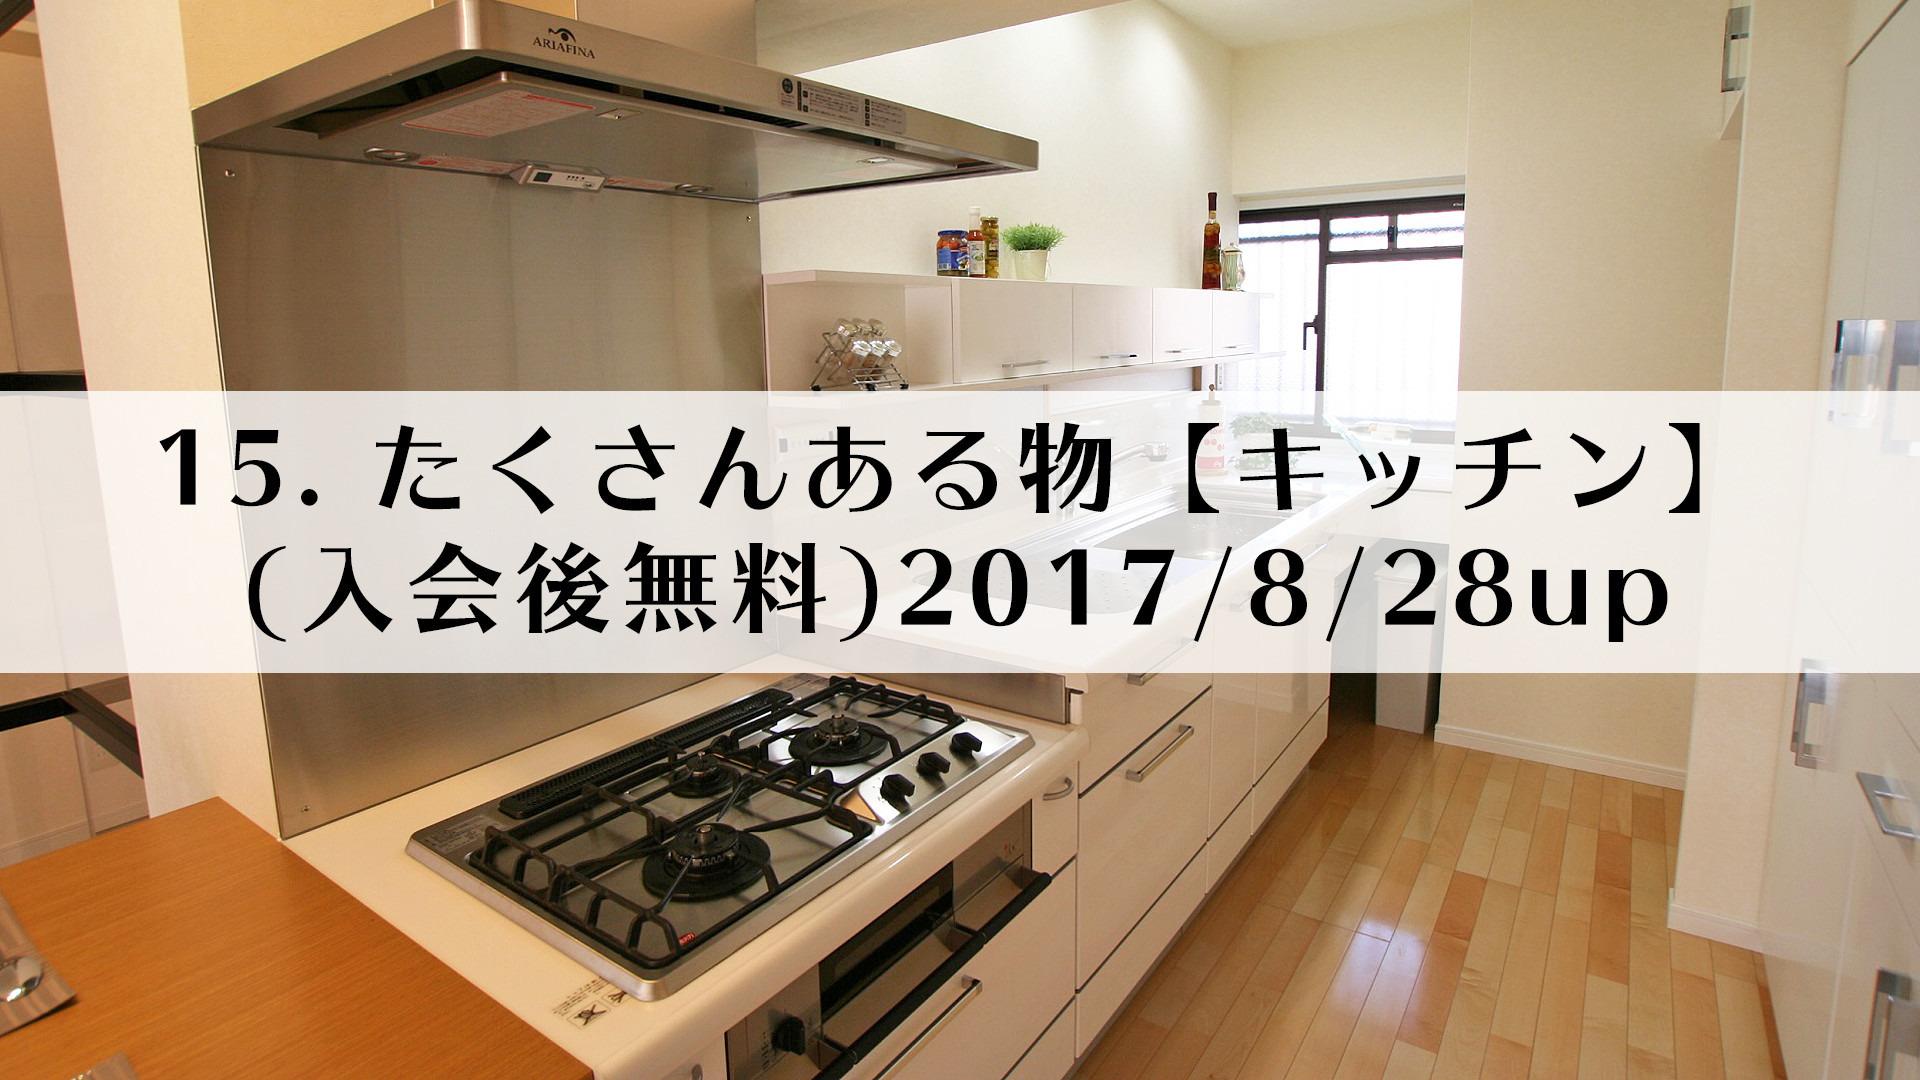 15.たくさんある物【キッチン】(入会後無料)2017/8/28up